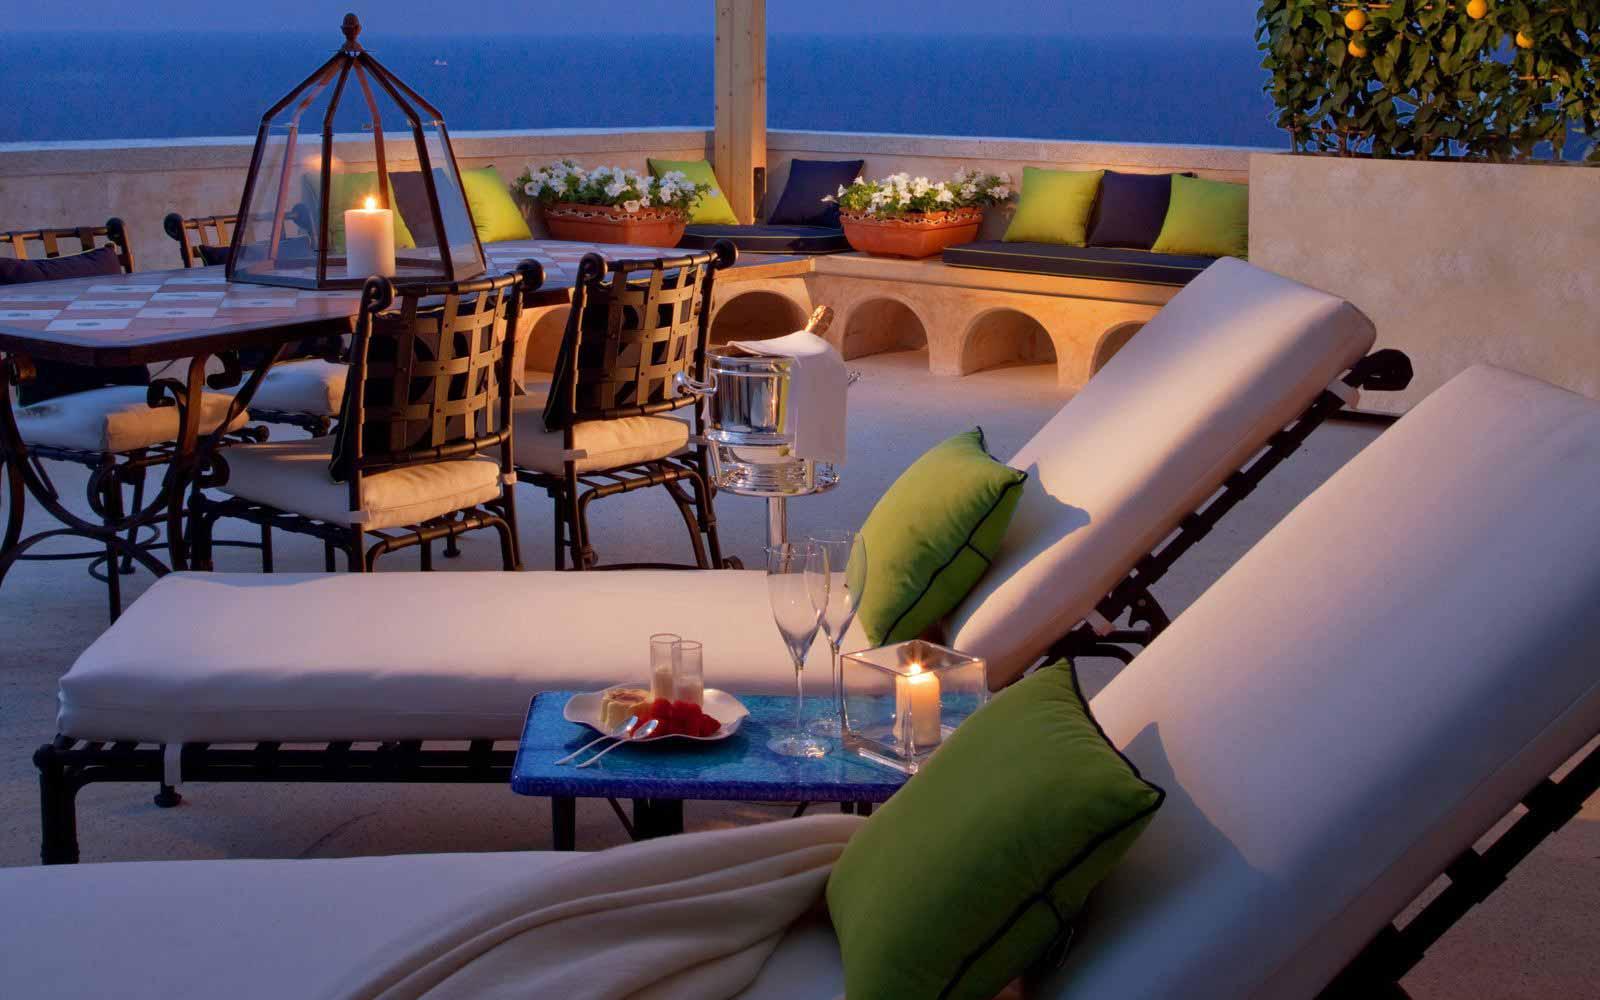 Premium suite terrace at Monastero Santa Rosa